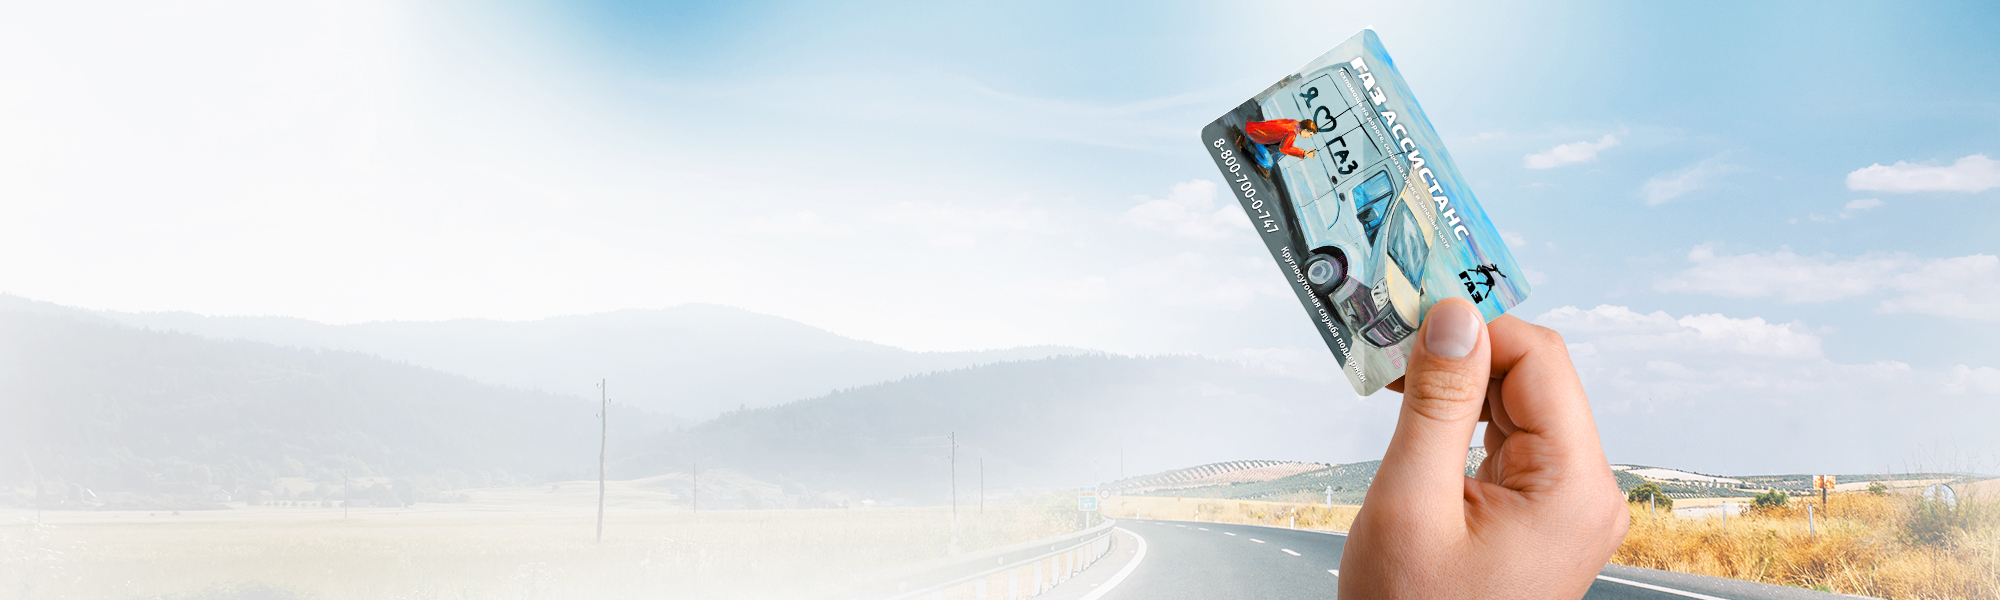 GAZ Assistance. Первая широкомасштабная профессиональная программа техпомощи на дороге для владельцев коммерческой техники